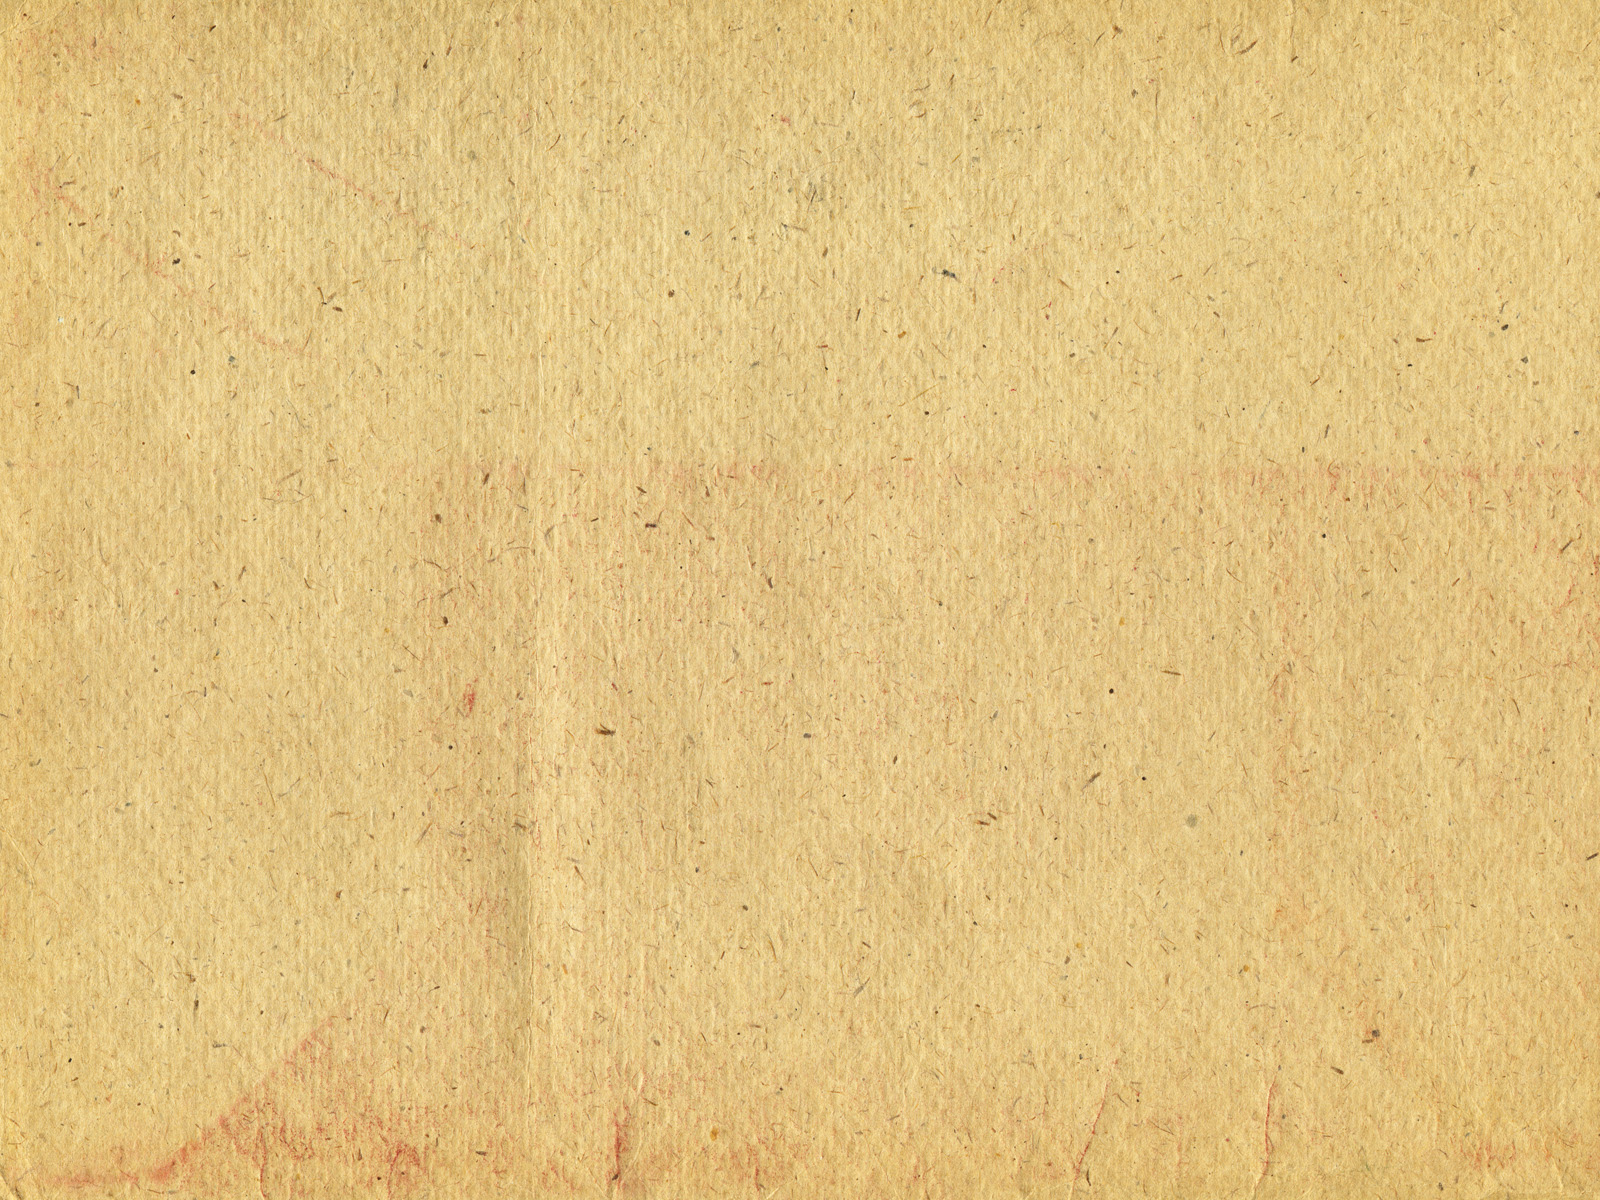 Old grunge vintage texture PPT Backgrounds